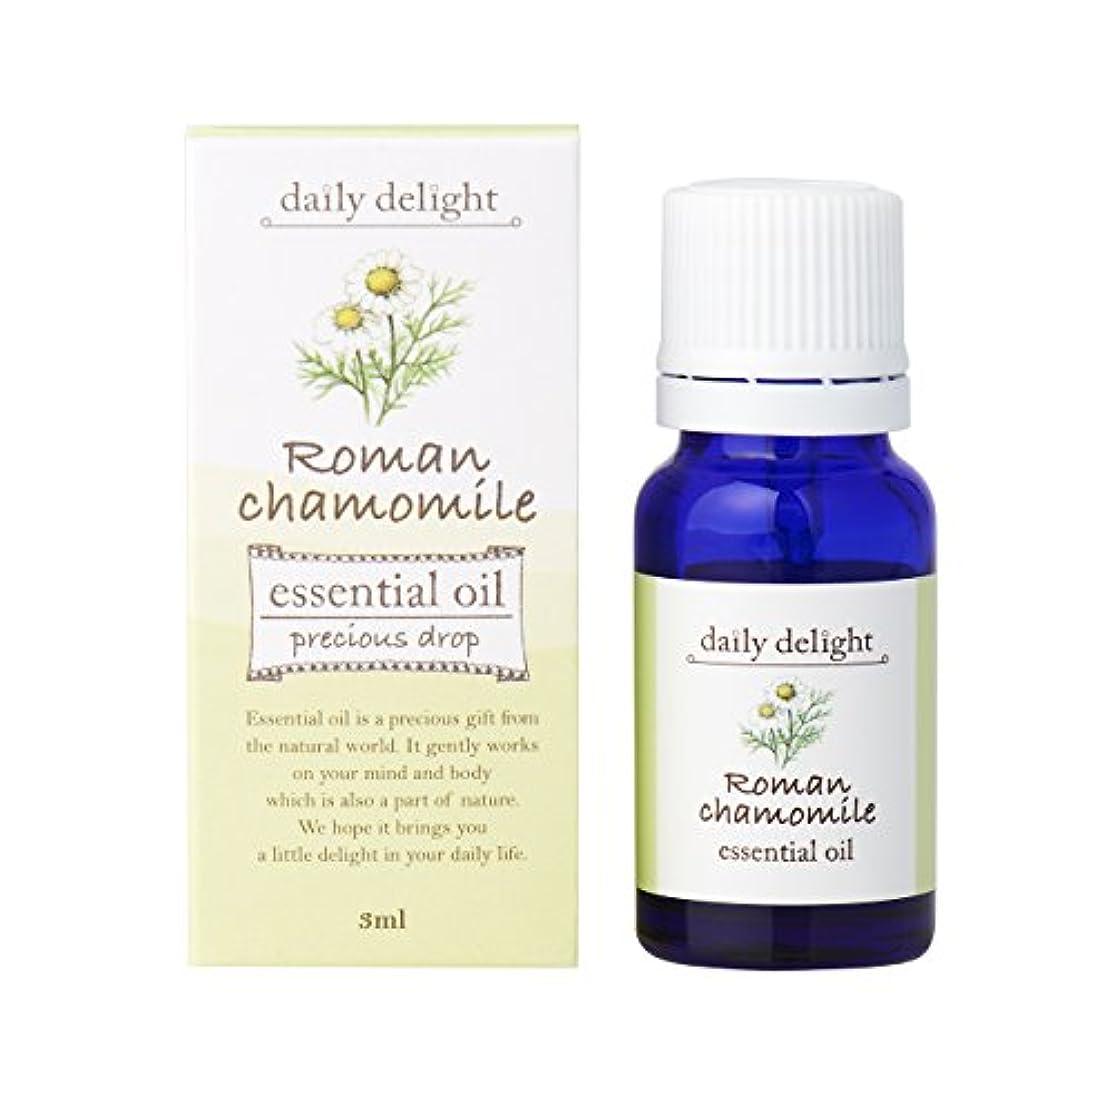 知らせる集中的な連鎖デイリーディライト エッセンシャルオイル ローマンカモミール 3ml(天然100% 精油 アロマ フローラル系 青リンゴに似た香り)